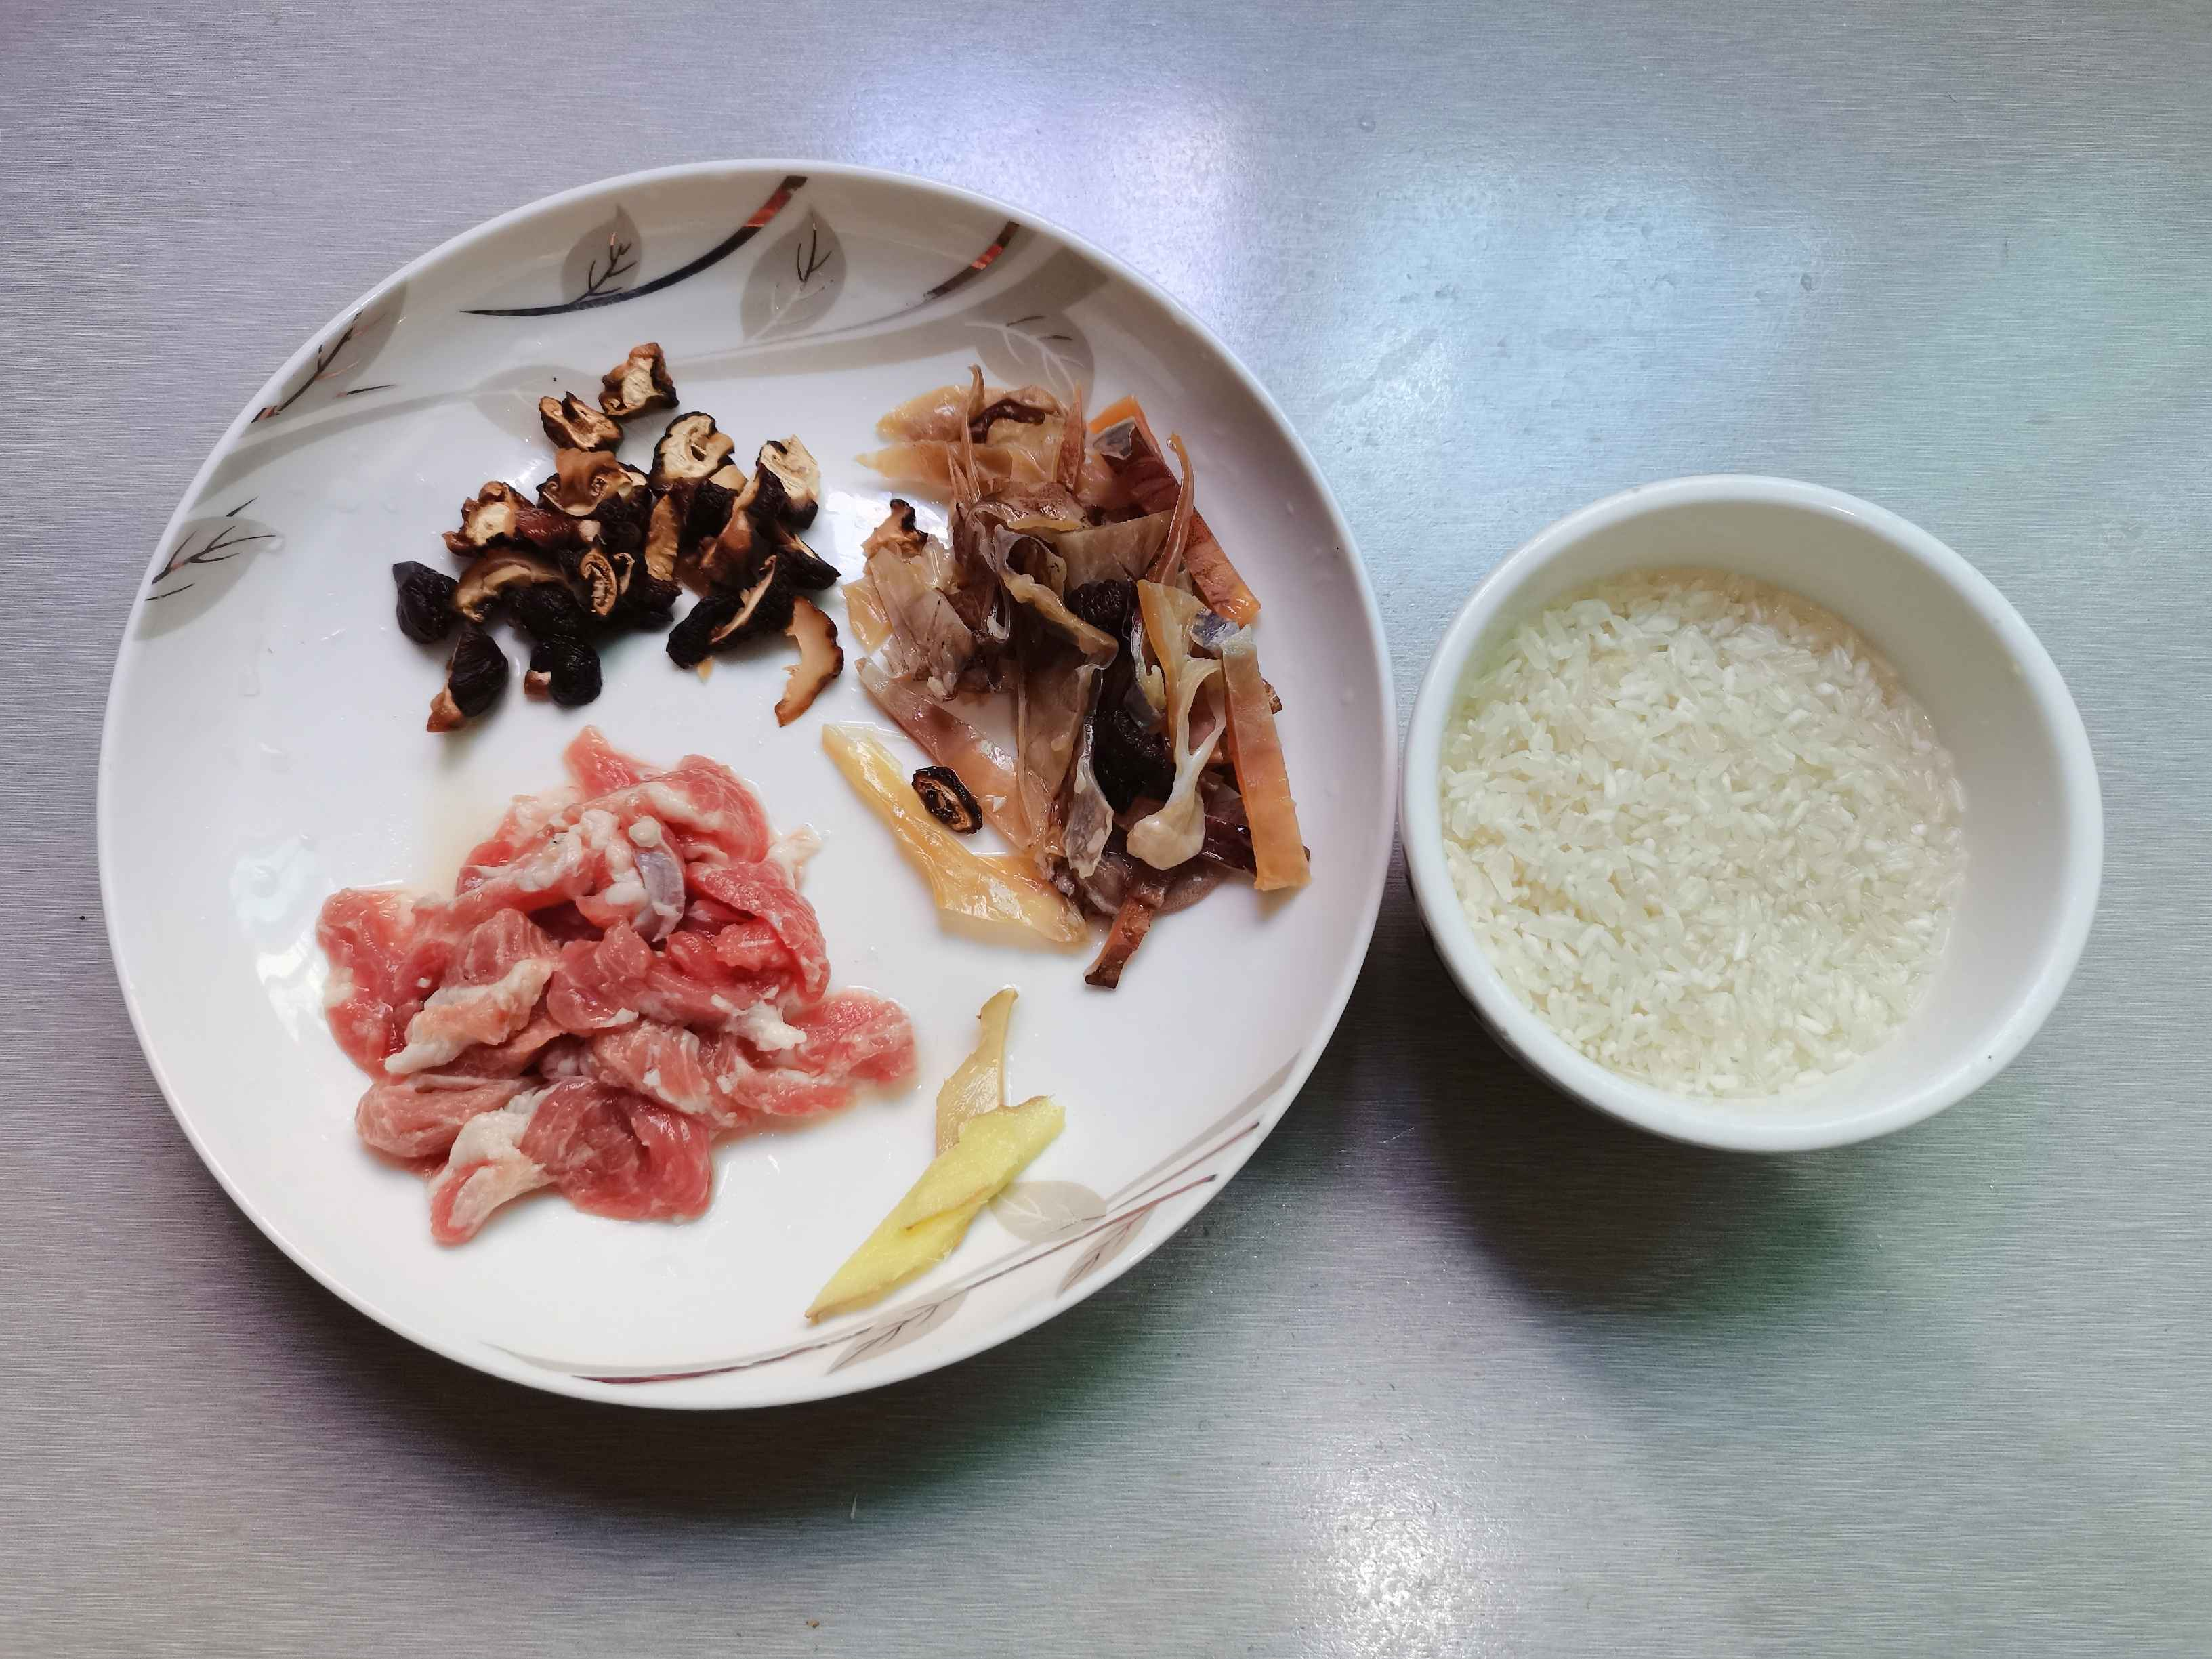 墨鱼干肉片粥的做法图解